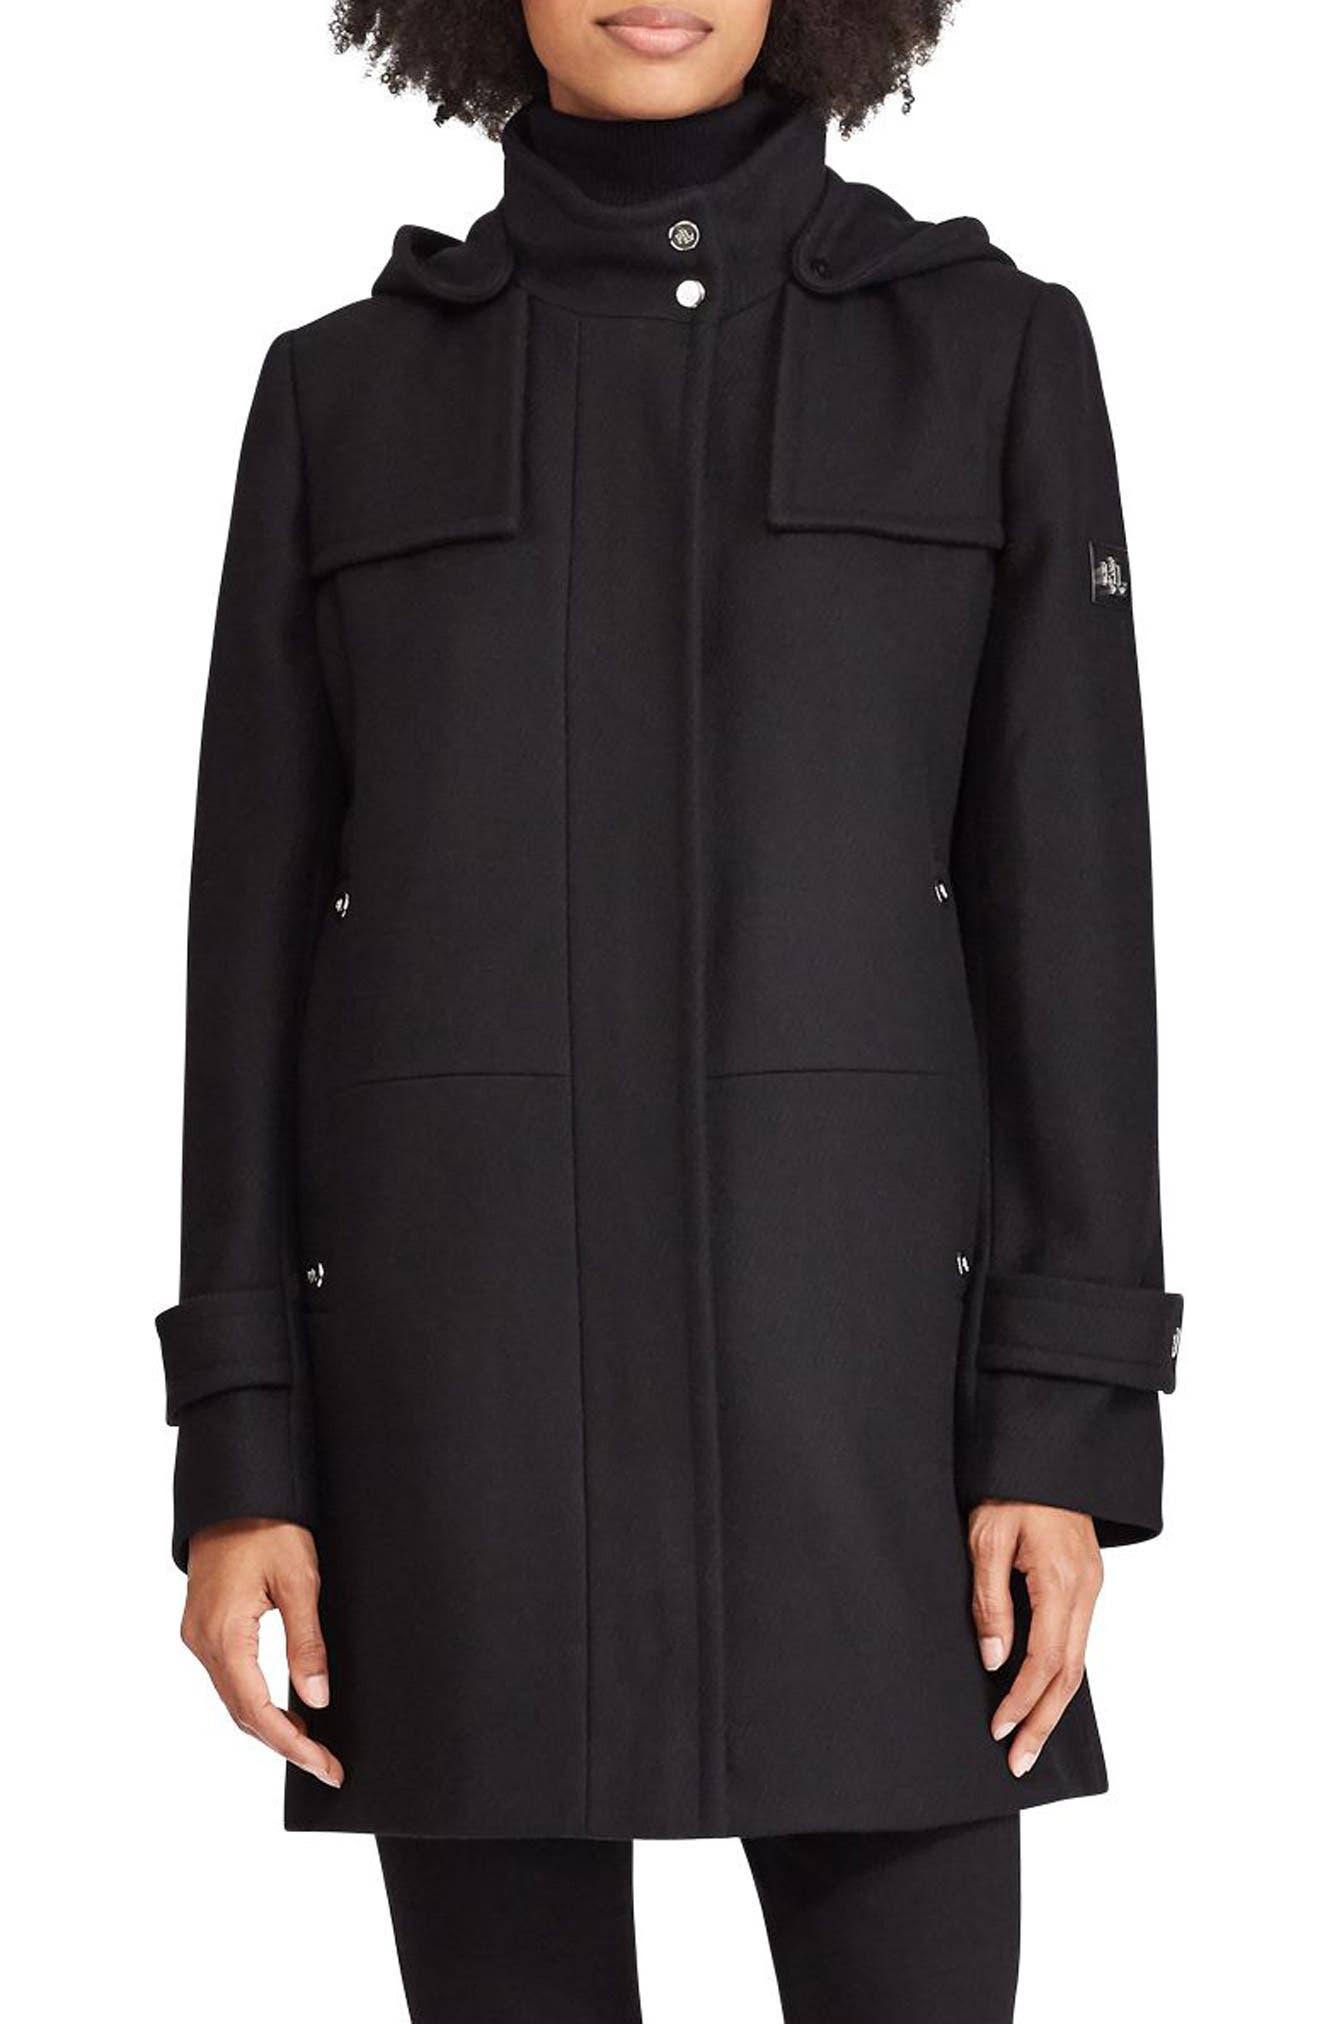 LAUREN RALPH LAUREN Wool Blend Jacket, Main, color, BLACK